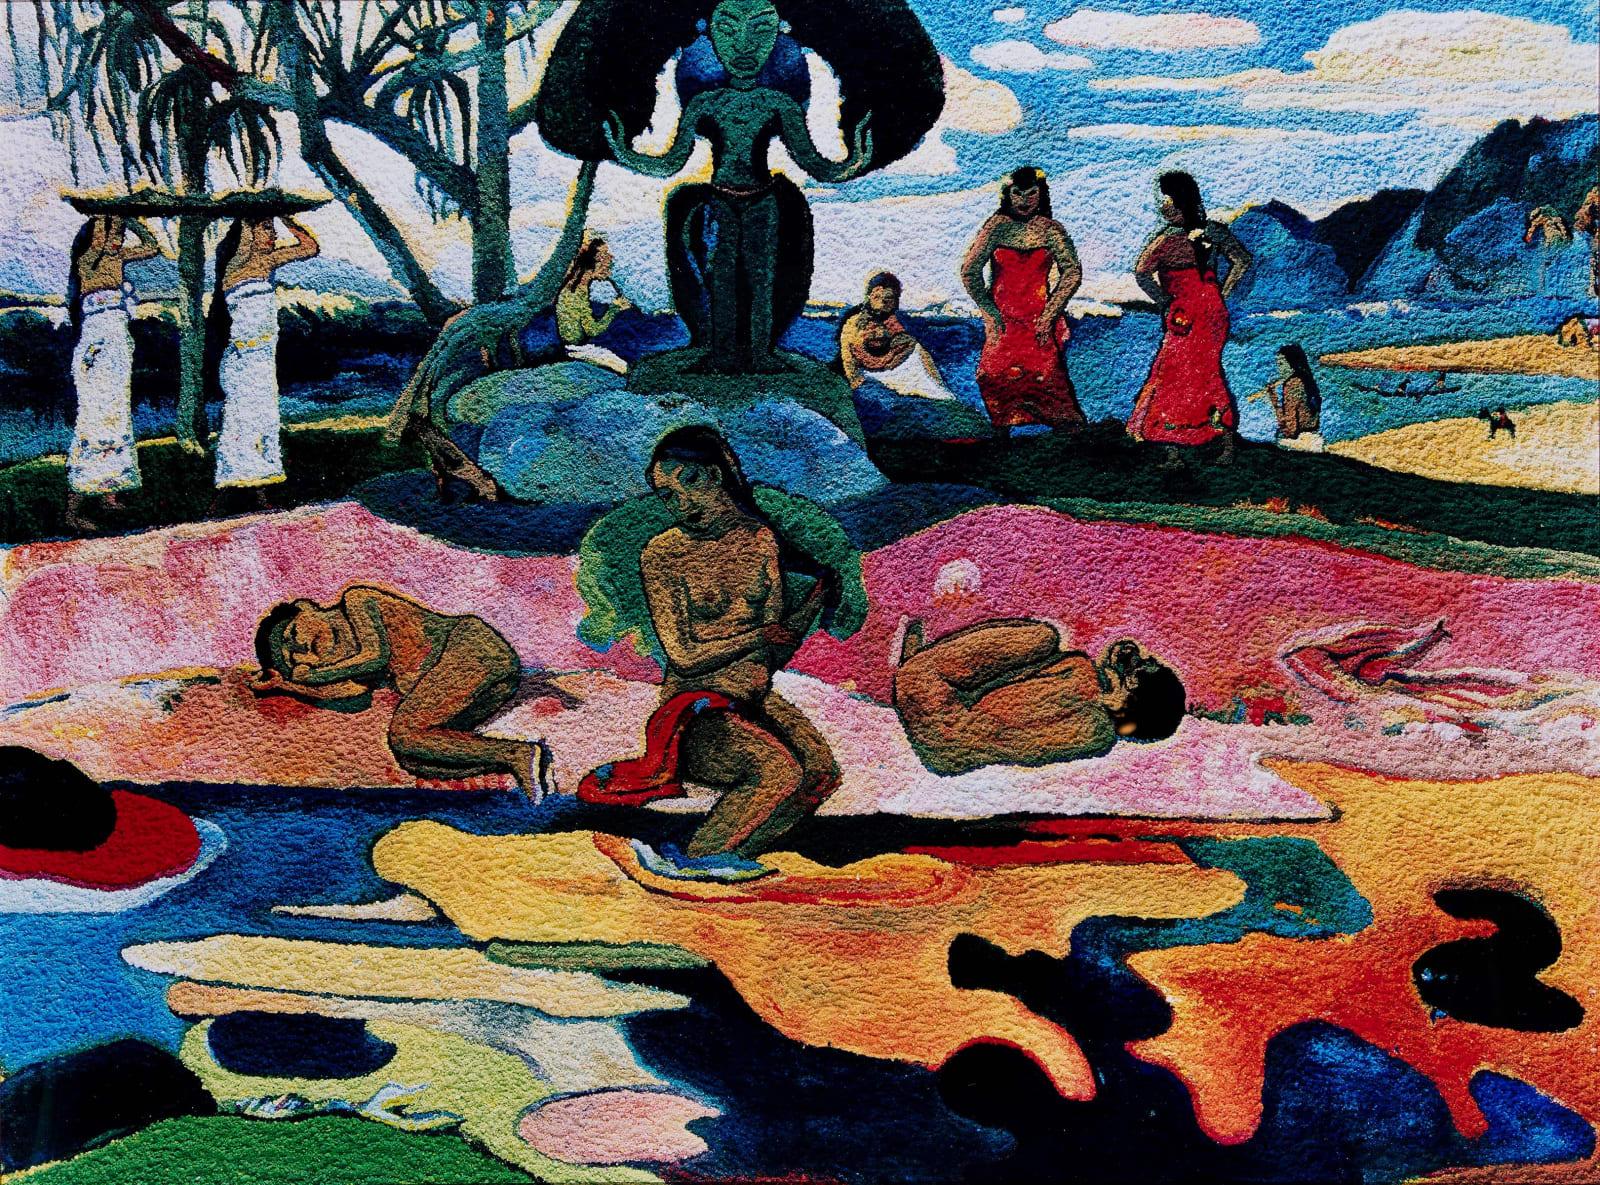 Vik Muniz Mahana No Atua (Day of the Gods), After Gauguin photograph of paint pigments rendering Gauguin's painting Day of the Gods